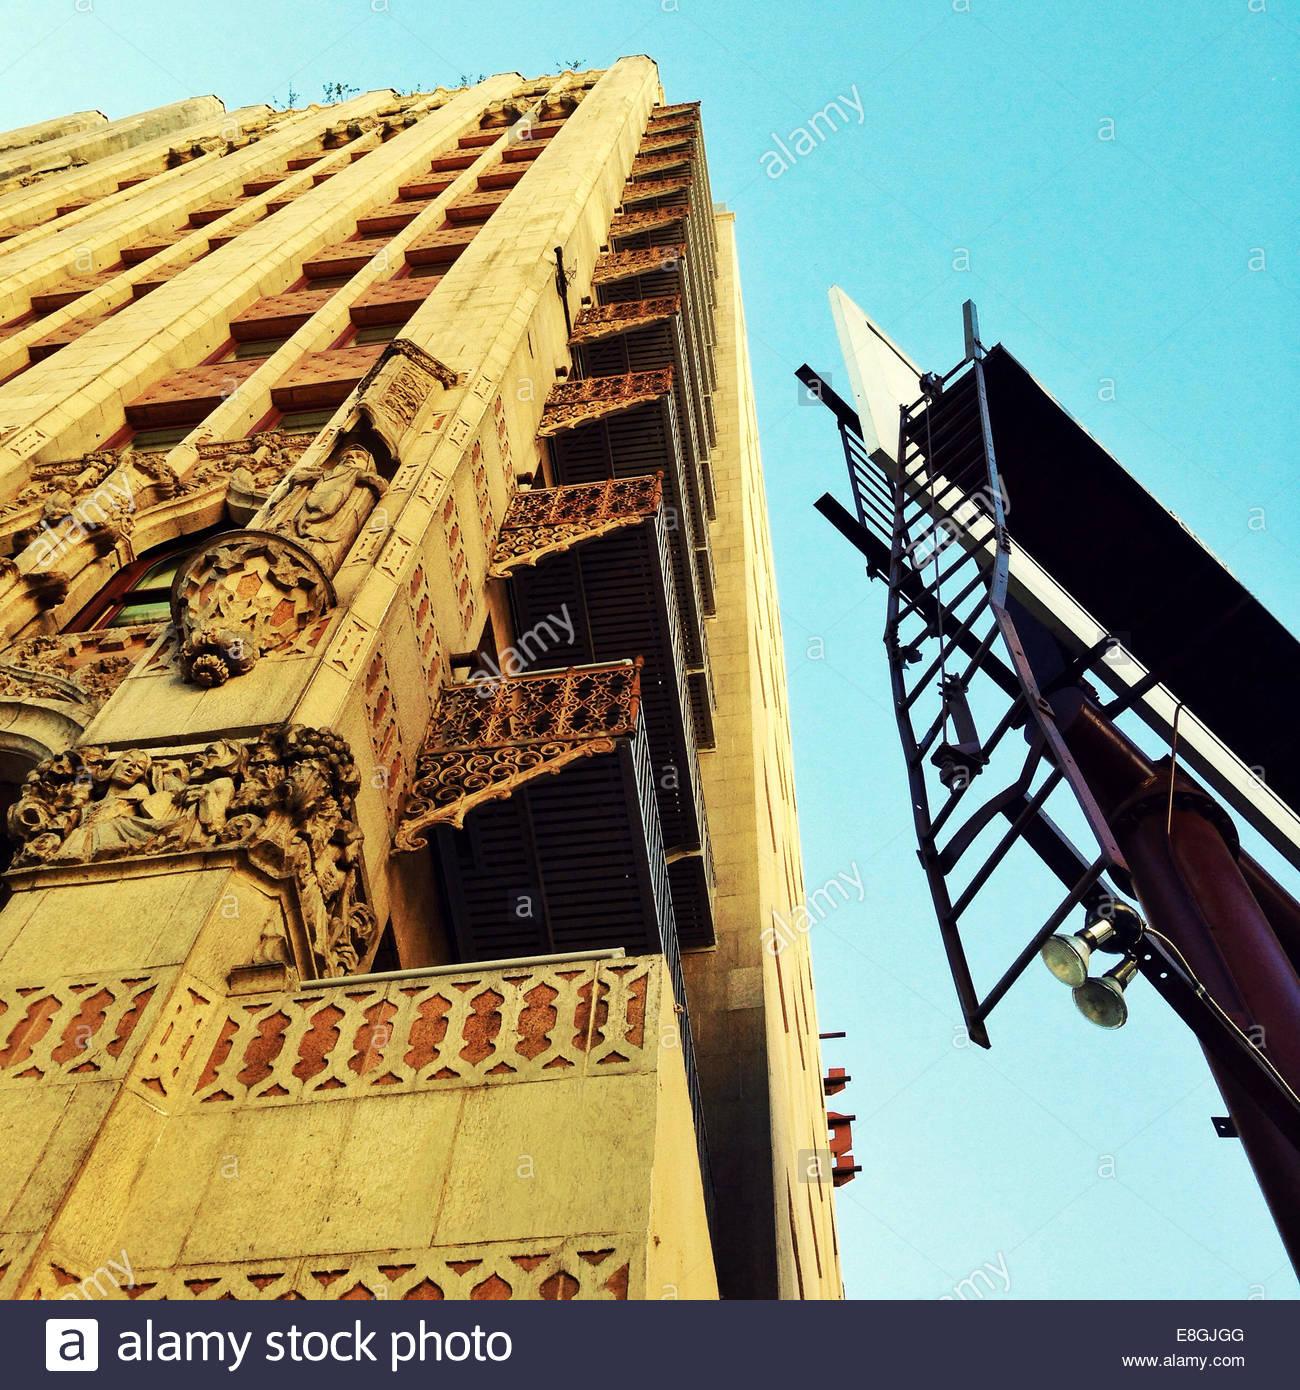 A basso angolo di visione dell'esterno dell'edificio Immagini Stock